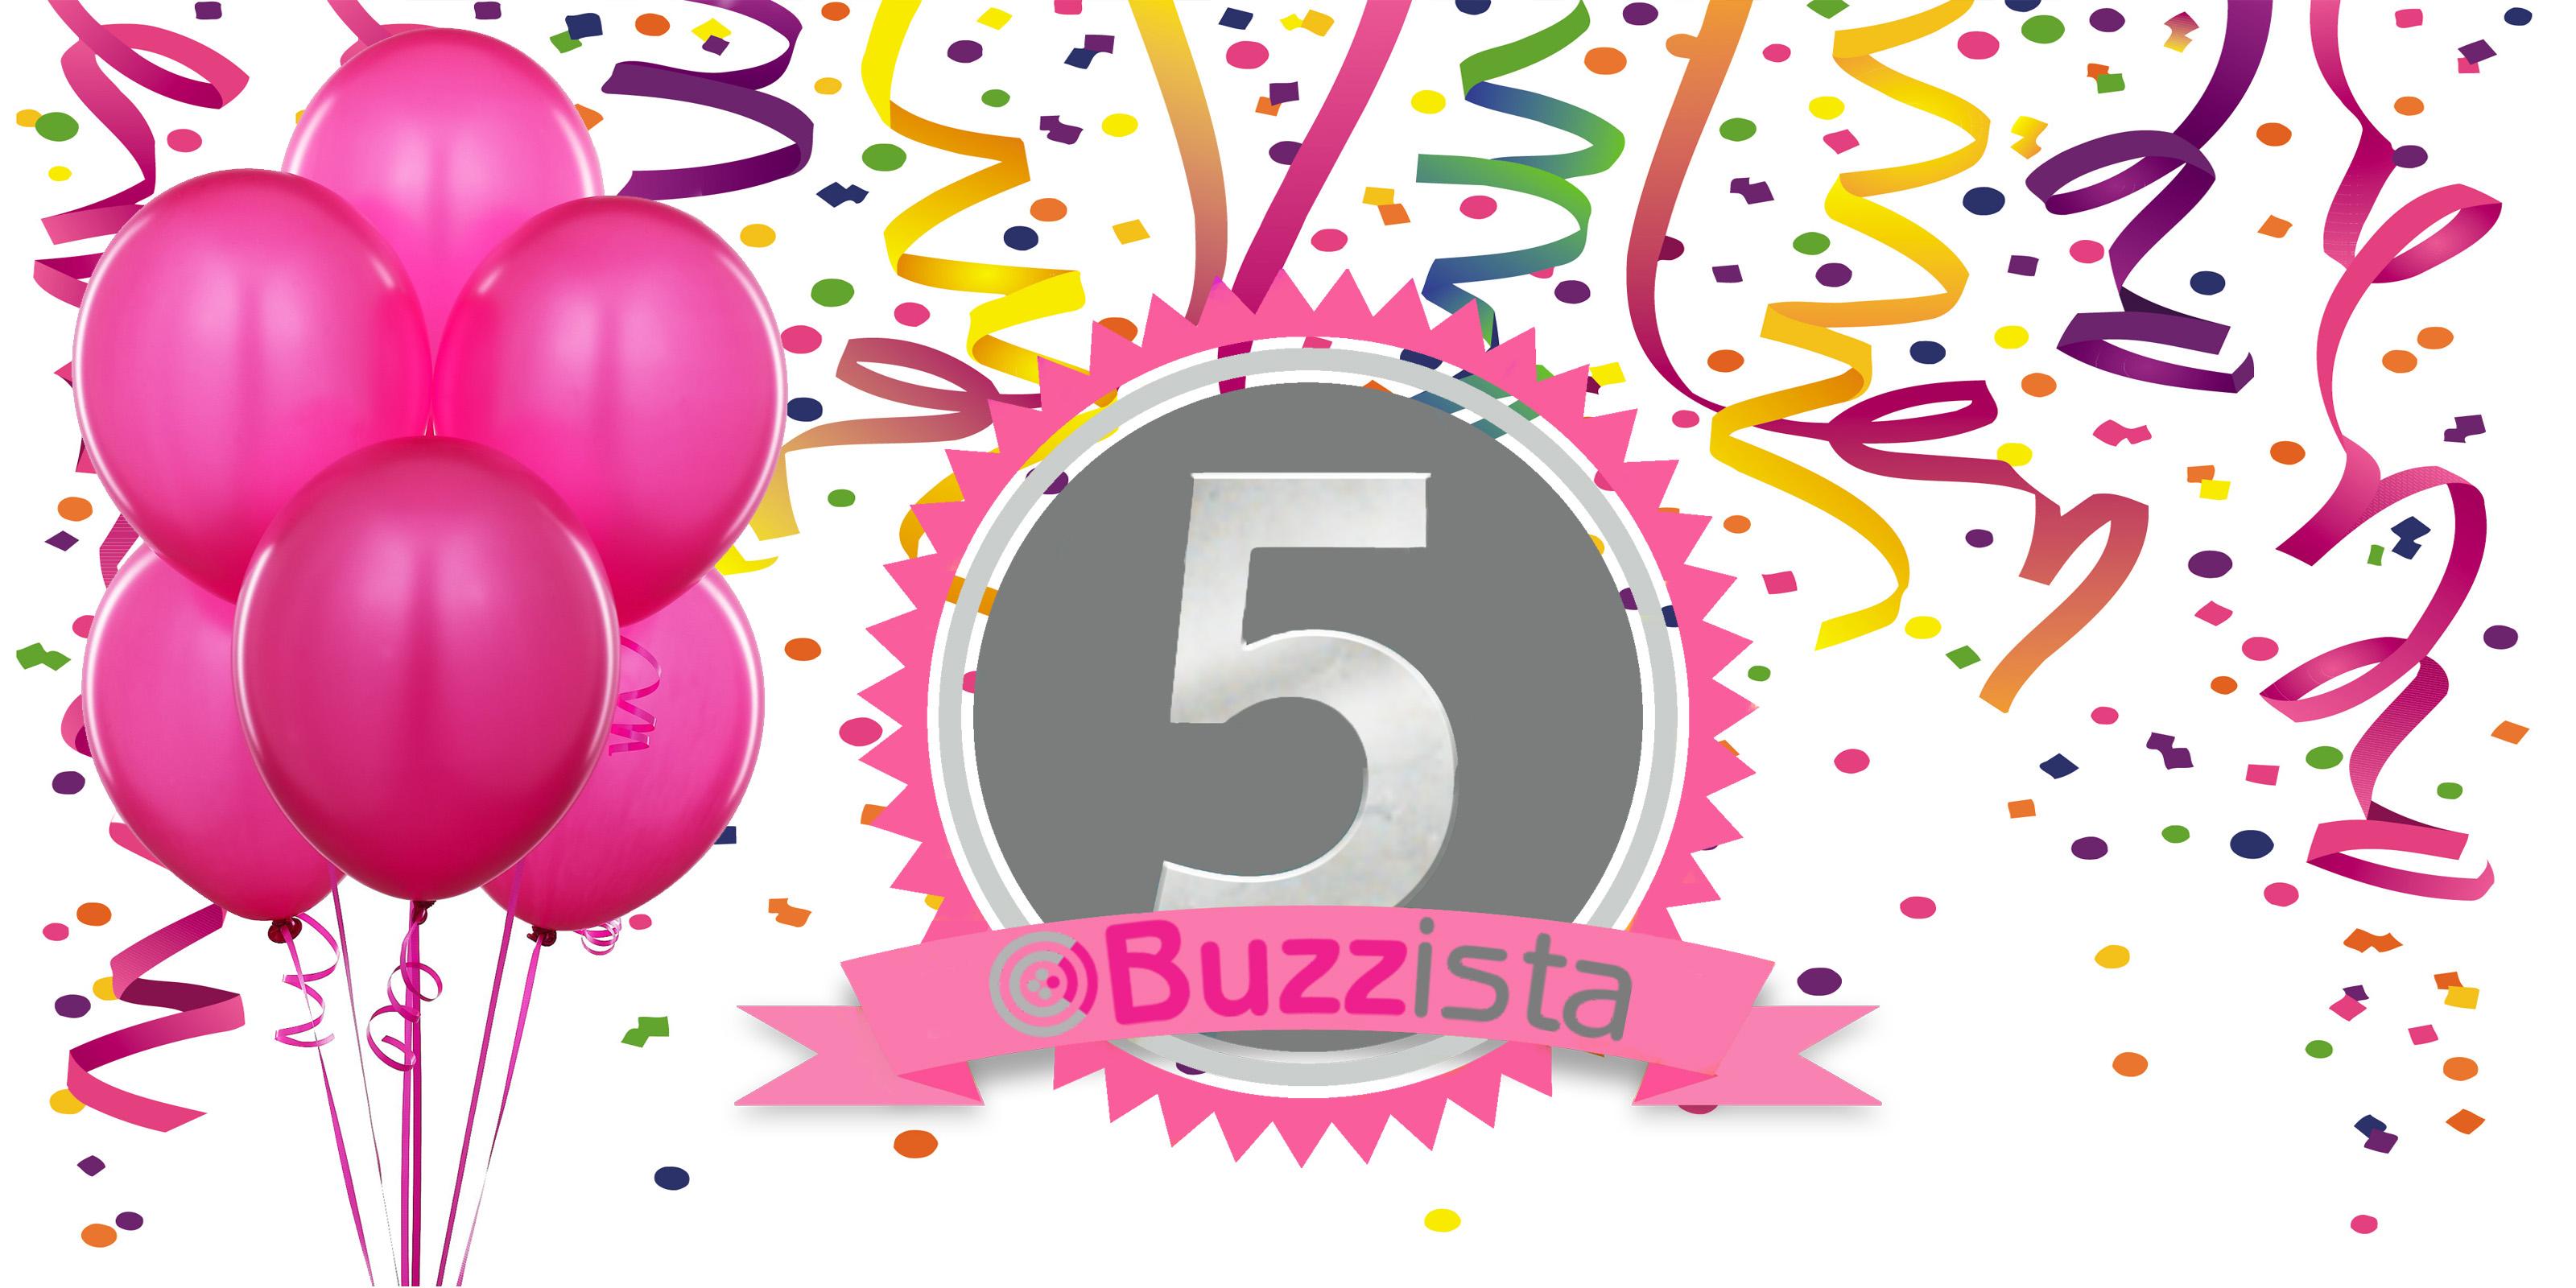 hoera buzzista bestaat 5 jaar www buzzista nl we